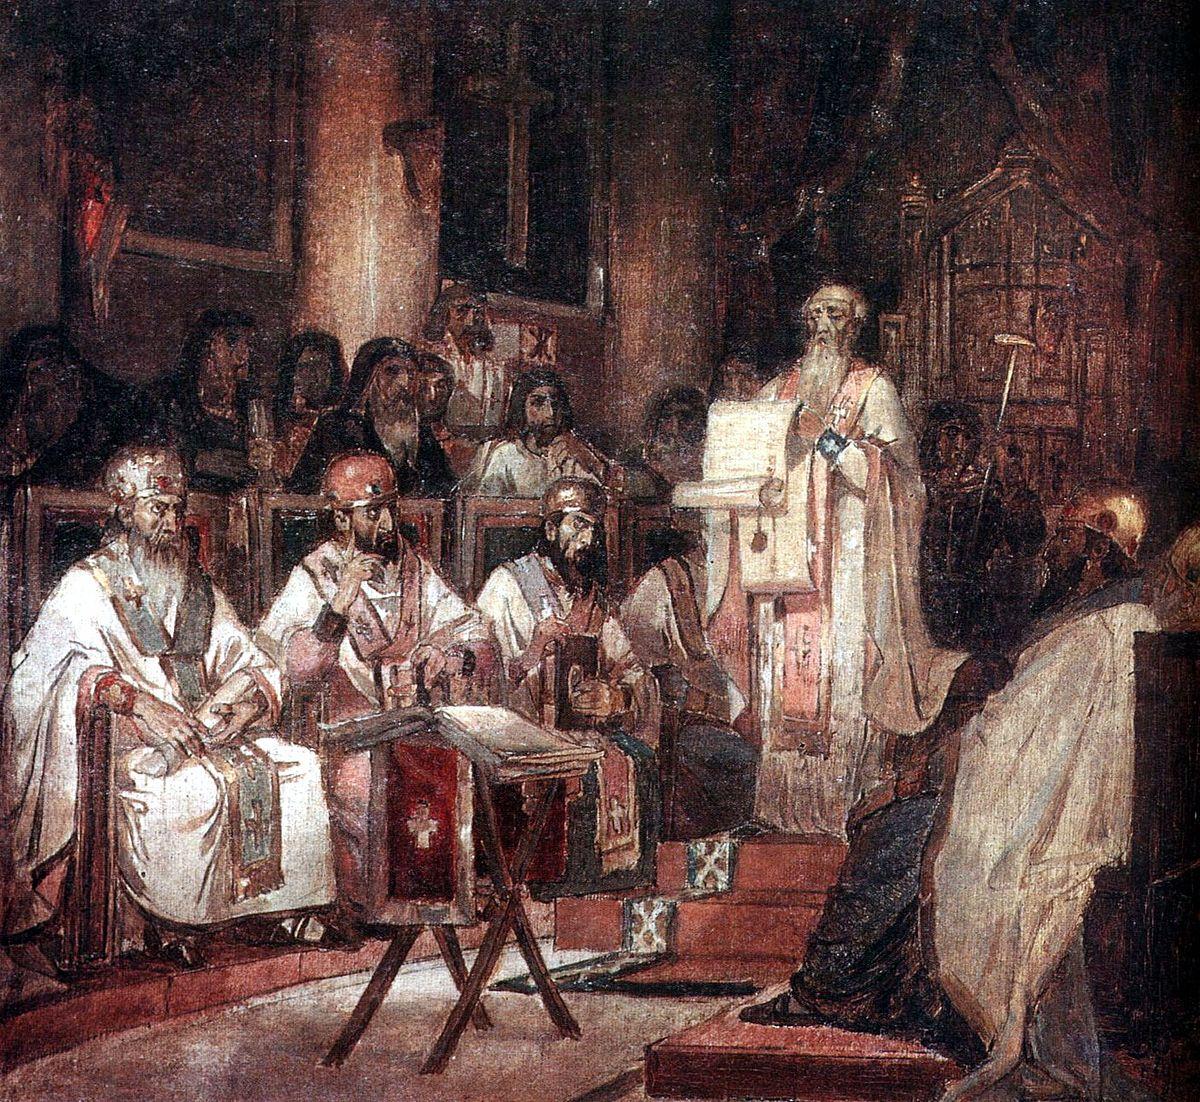 Second_Ecumenical_council_by_V.Surikov